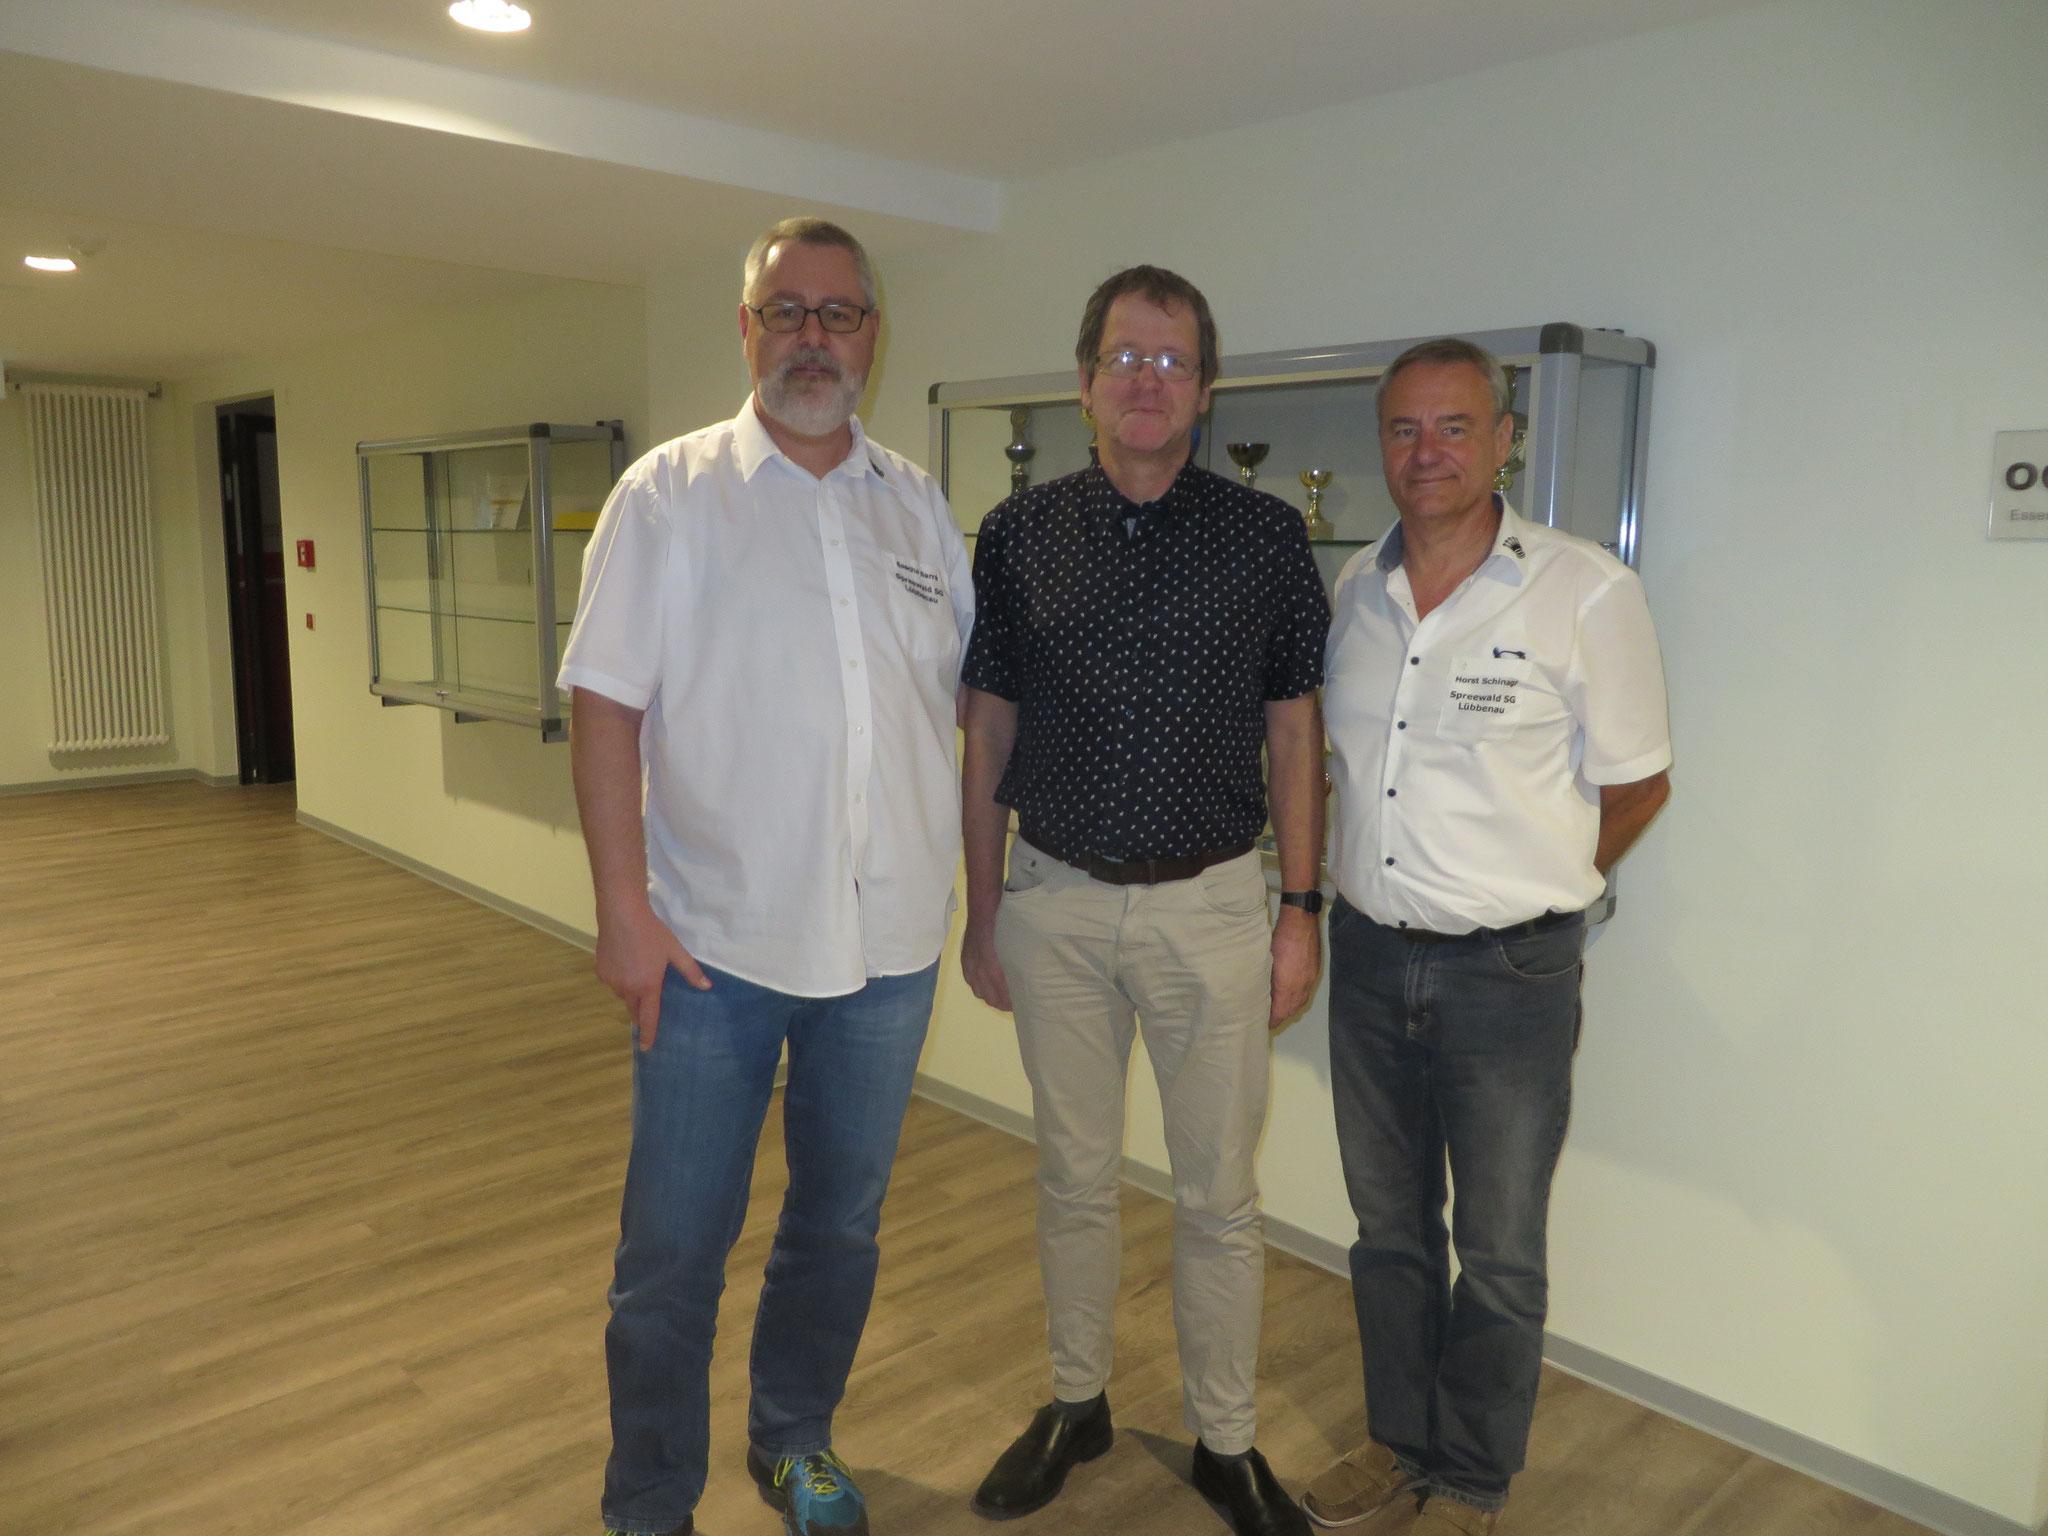 Die 3 Lübbenauer Vertreter Sascha, Olaf und Horst (v.l.n.r.)